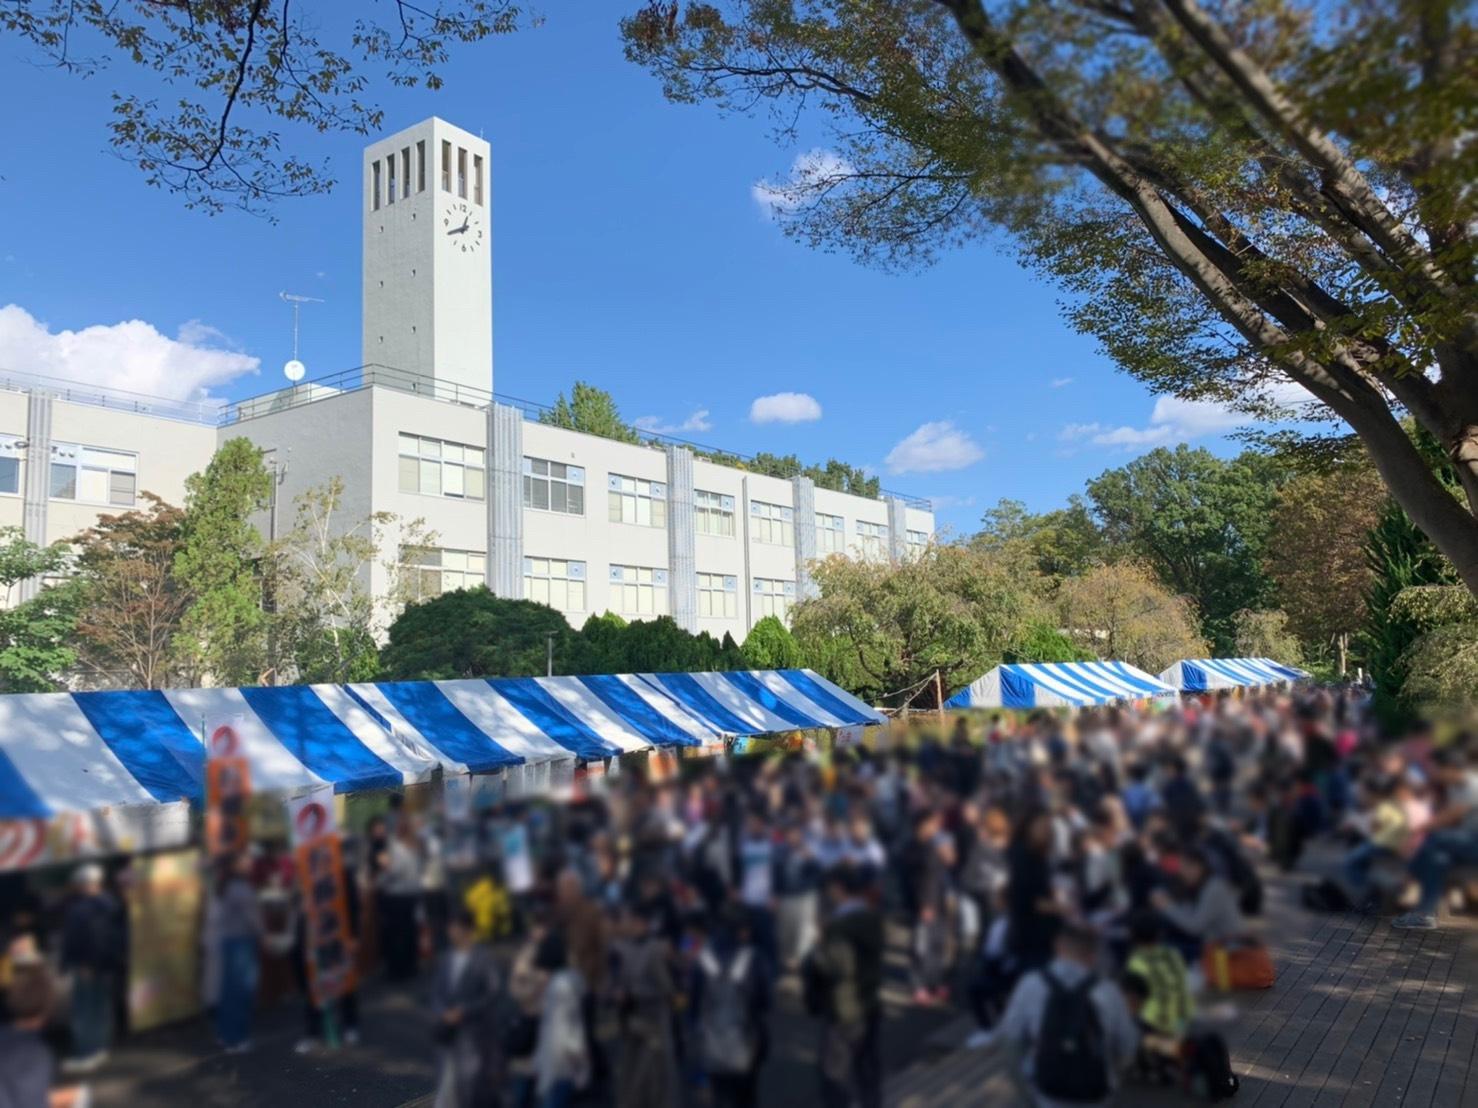 第67回 小金井祭が開催されました。今年のテーマは『極彩色』です。